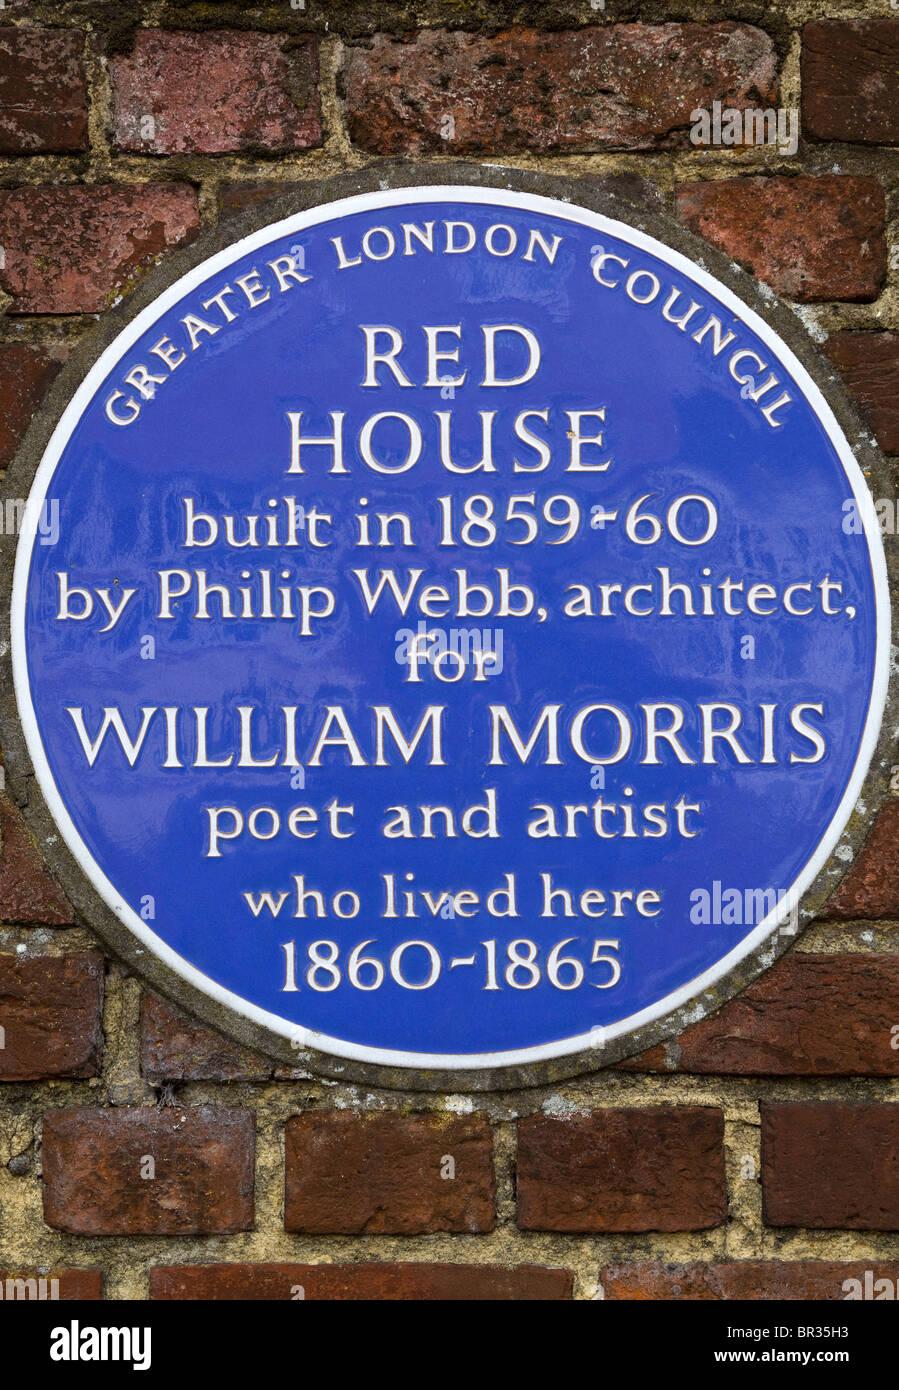 La placca al di fuori di William Morris' Red House Bexleyheath Immagini Stock